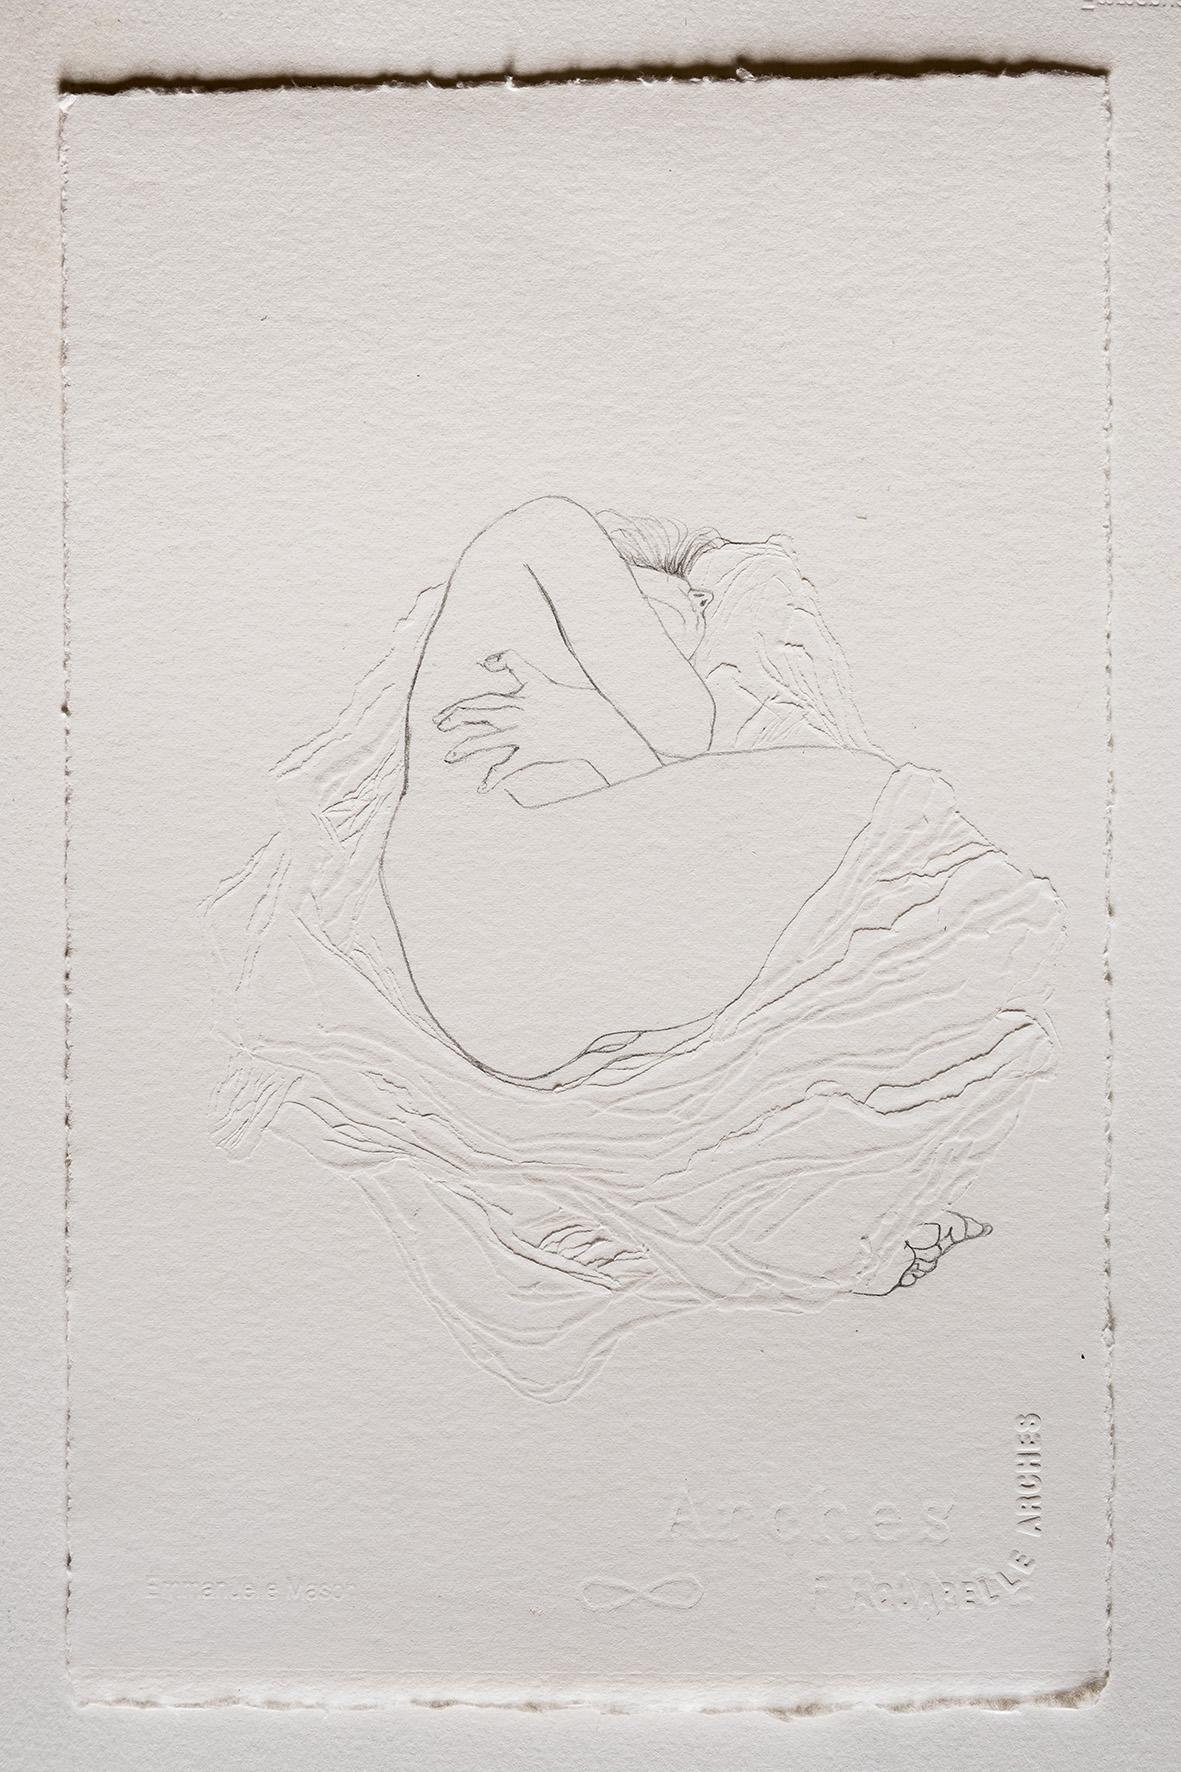 Cut#1 - dessin et découpe au scalpel sur papier Arches 320g. 20x30 cm. 2017 WEB